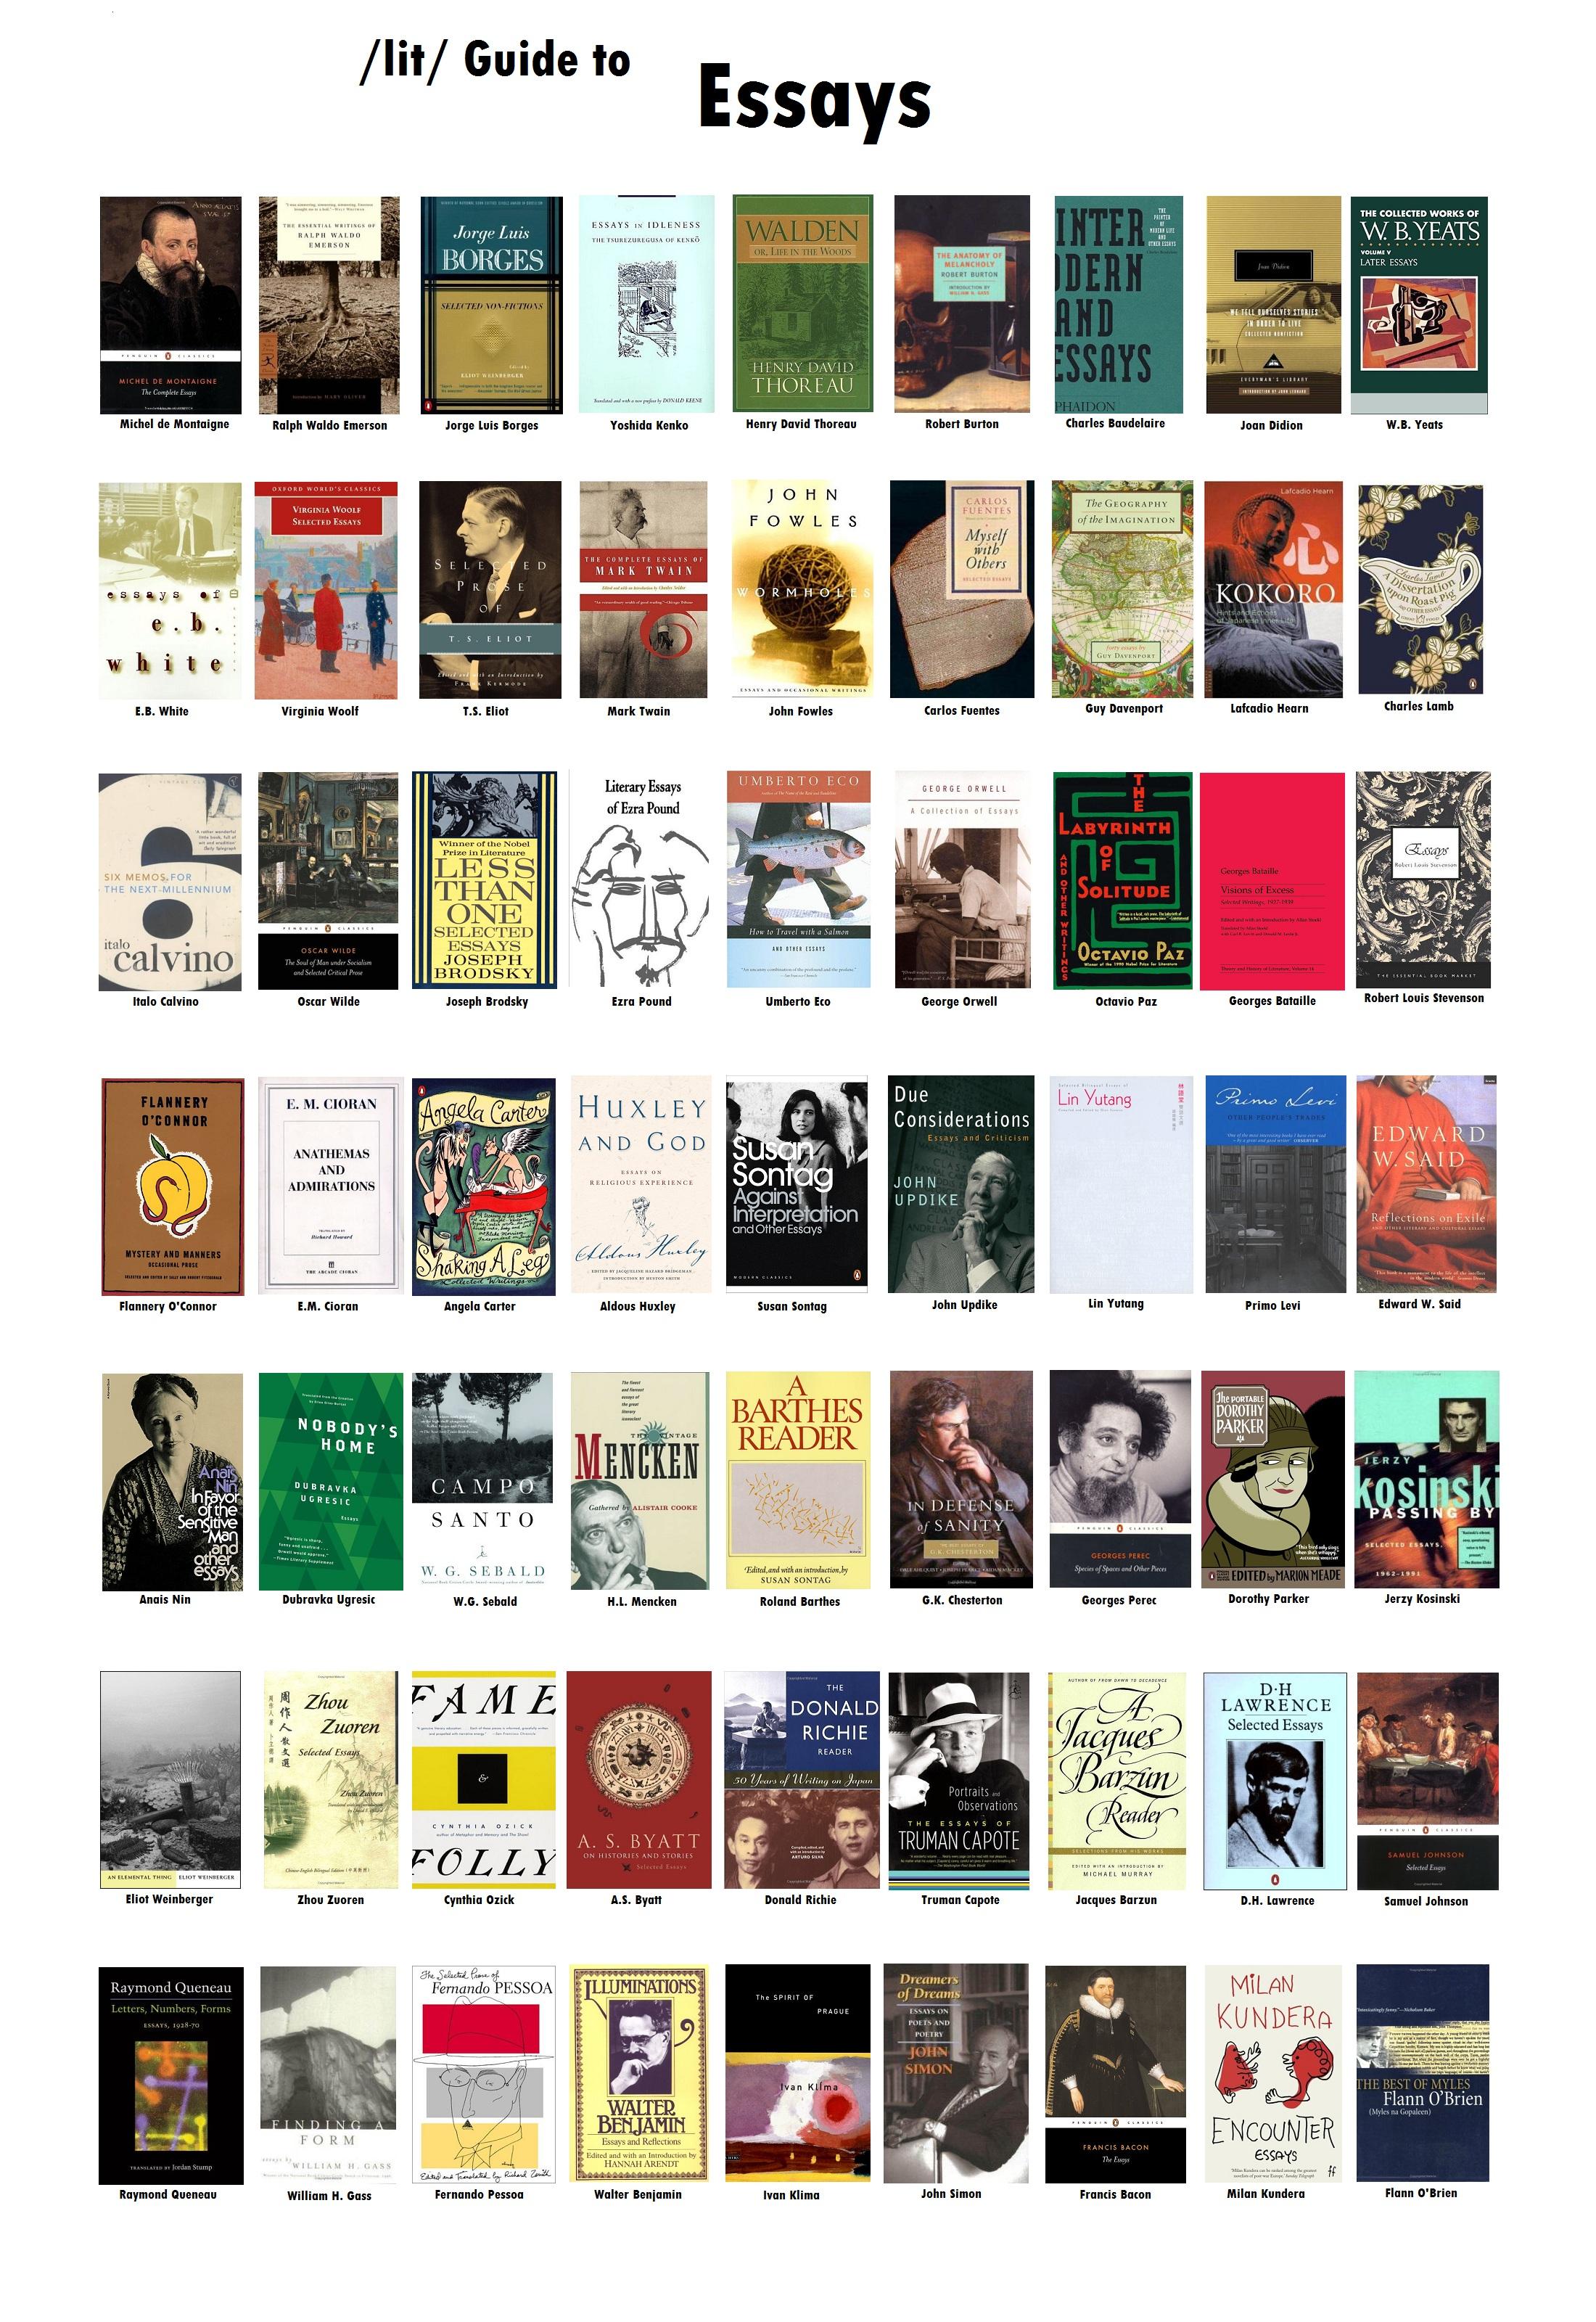 Essays | /lit/ Wiki | FANDOM powered by Wikia